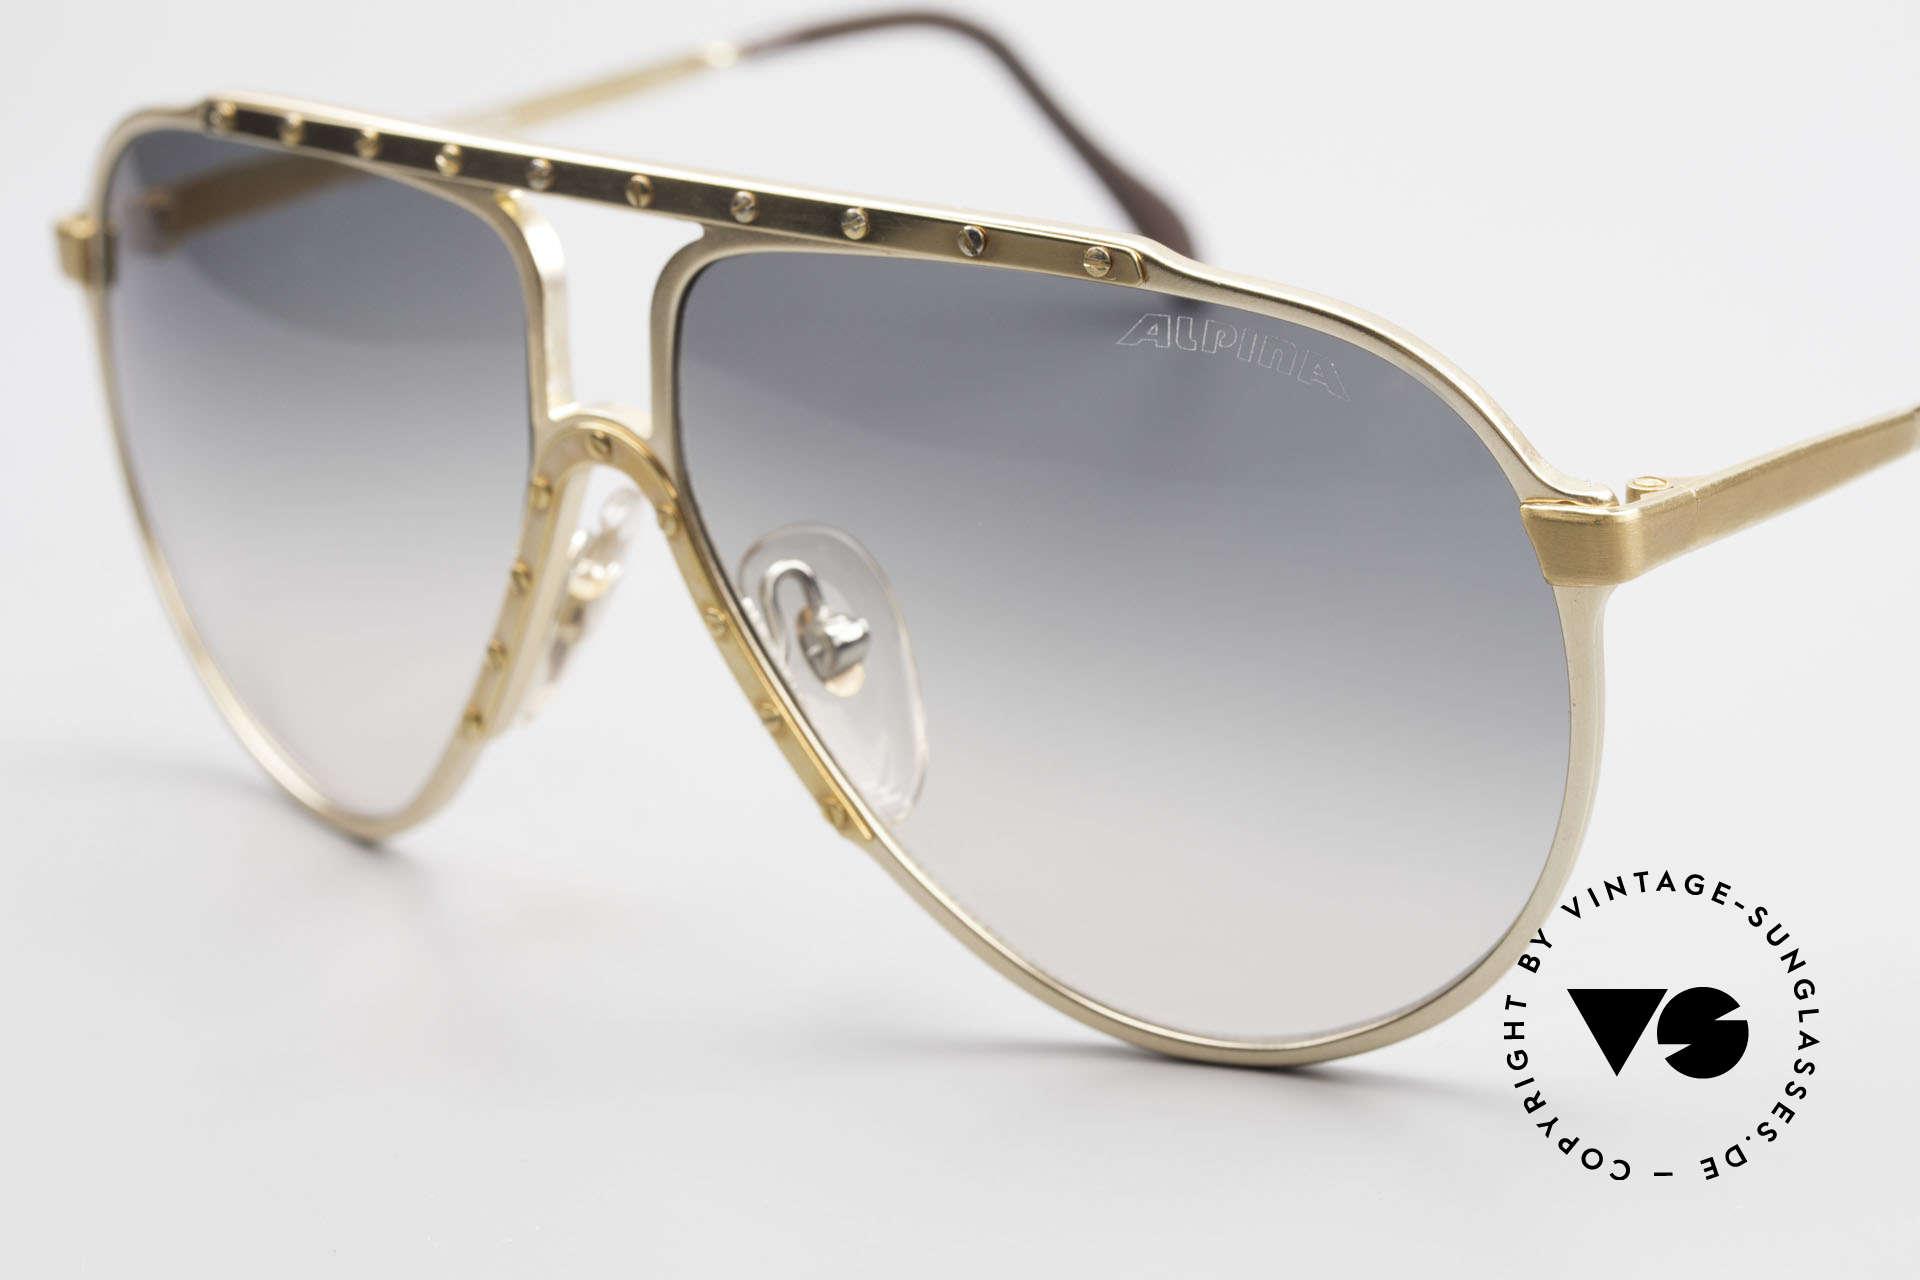 Alpina M1 80er Kult Vintage Sonnenbrille, ungetragenes Sammlerstück mit BVLGARI Etui!, Passend für Herren und Damen